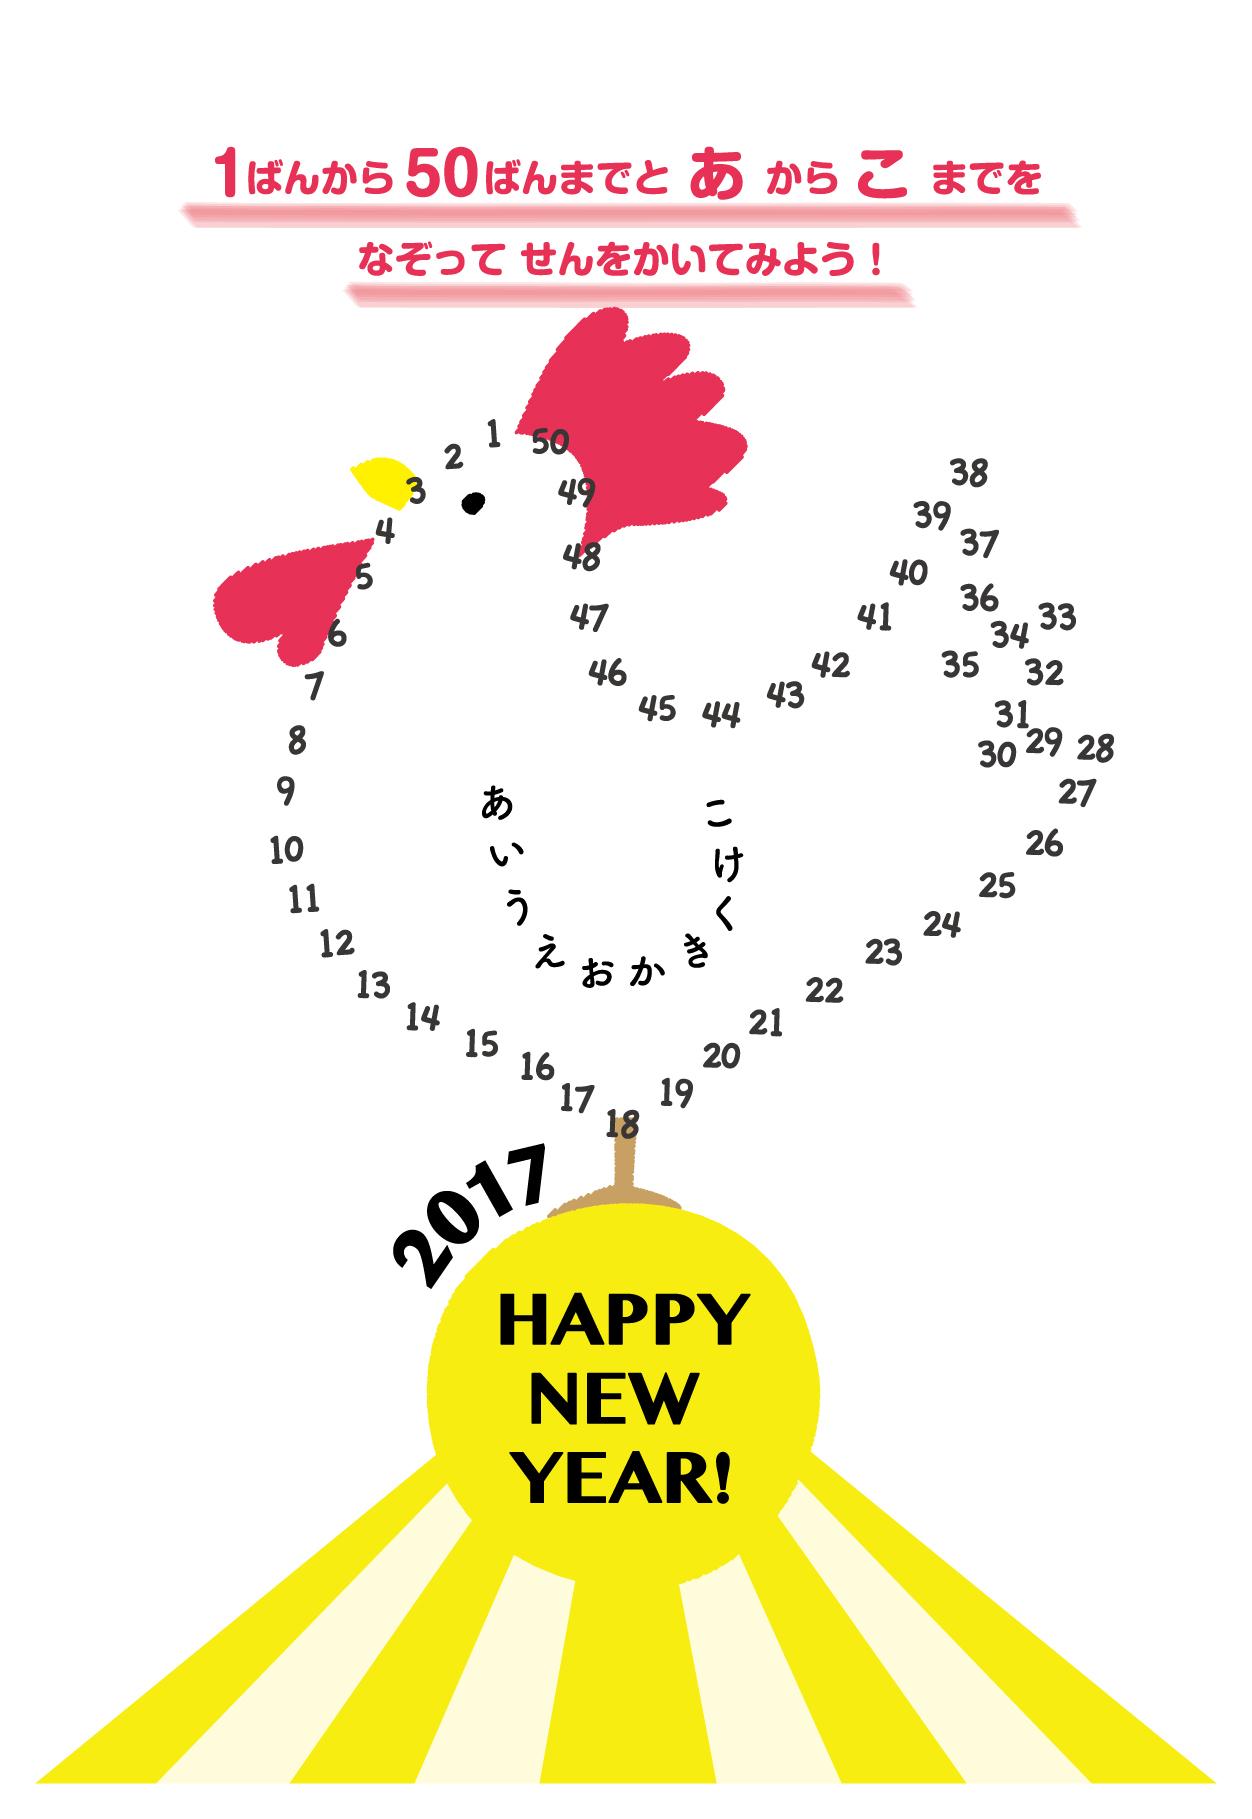 2017年賀状 とり年 かわいい鶏の数字とひらがな点つなぎ 無料